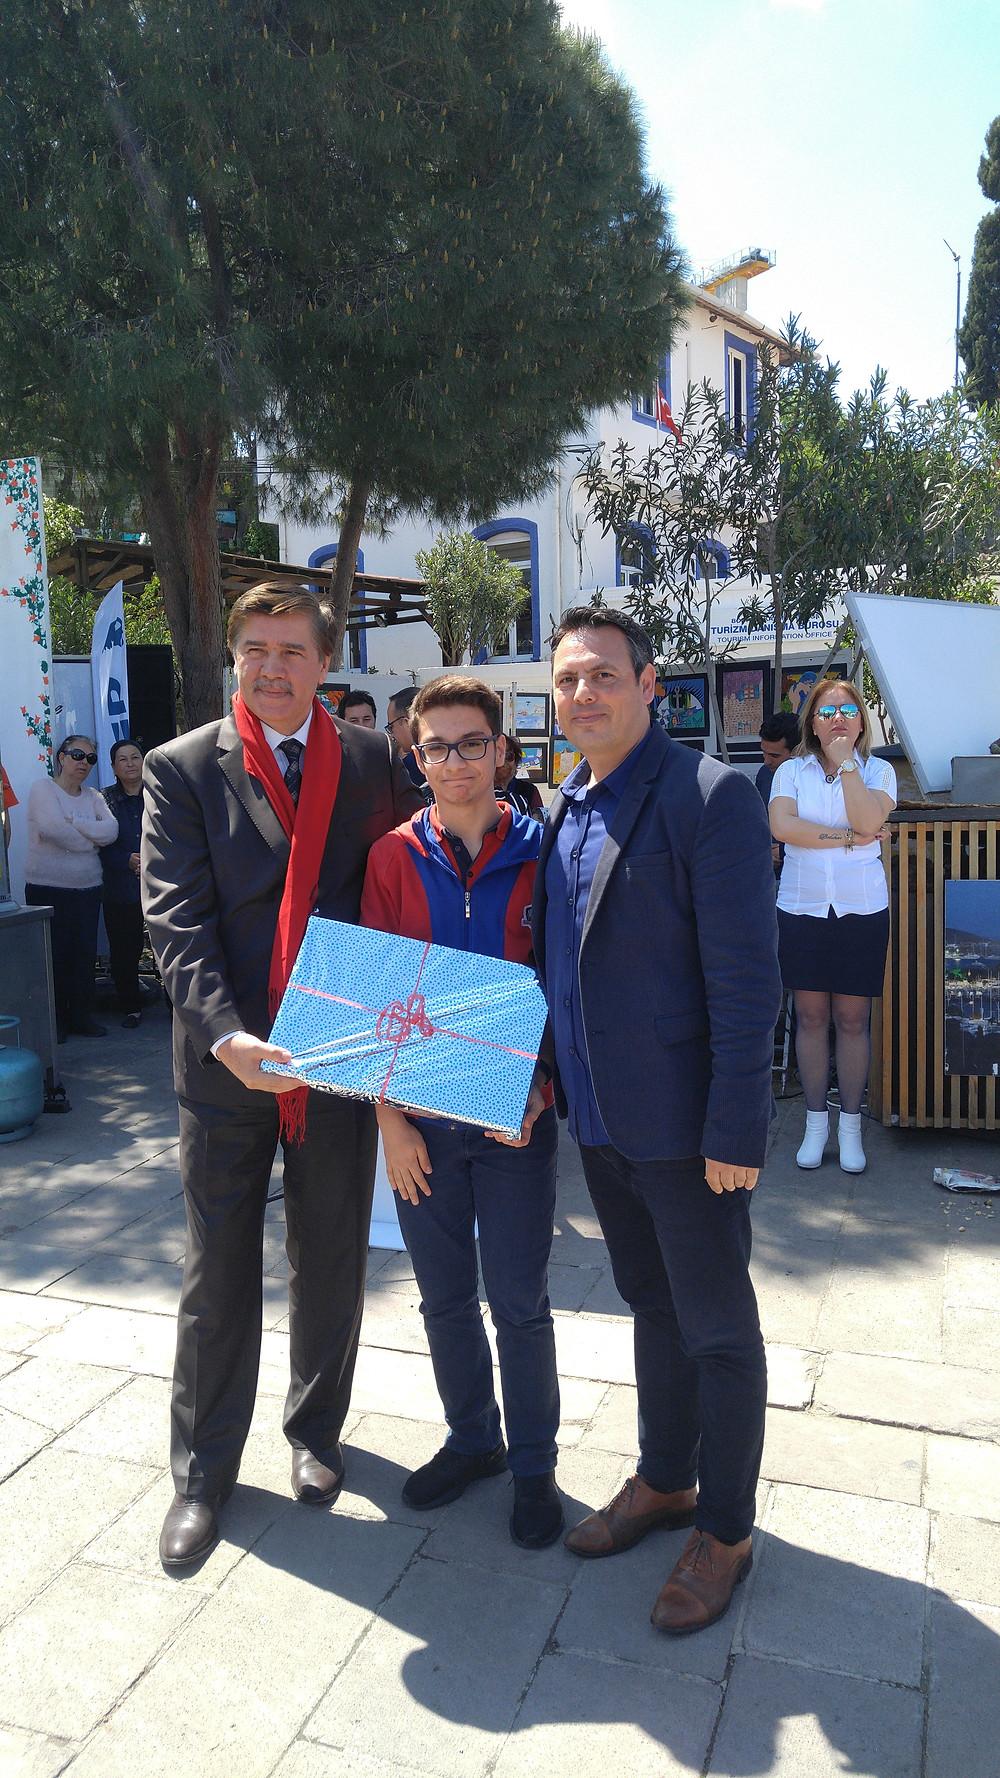 15-22 Nisan 2019 tarihleri arasında kutlanan Turizm Haftası etkinlikleri kapsamında BODER (Bodrum Otelciler Derneği) tarafından düzenlenen ortaokullar arası Turizm ve Bodrum konulu resim yarışma birincisi.